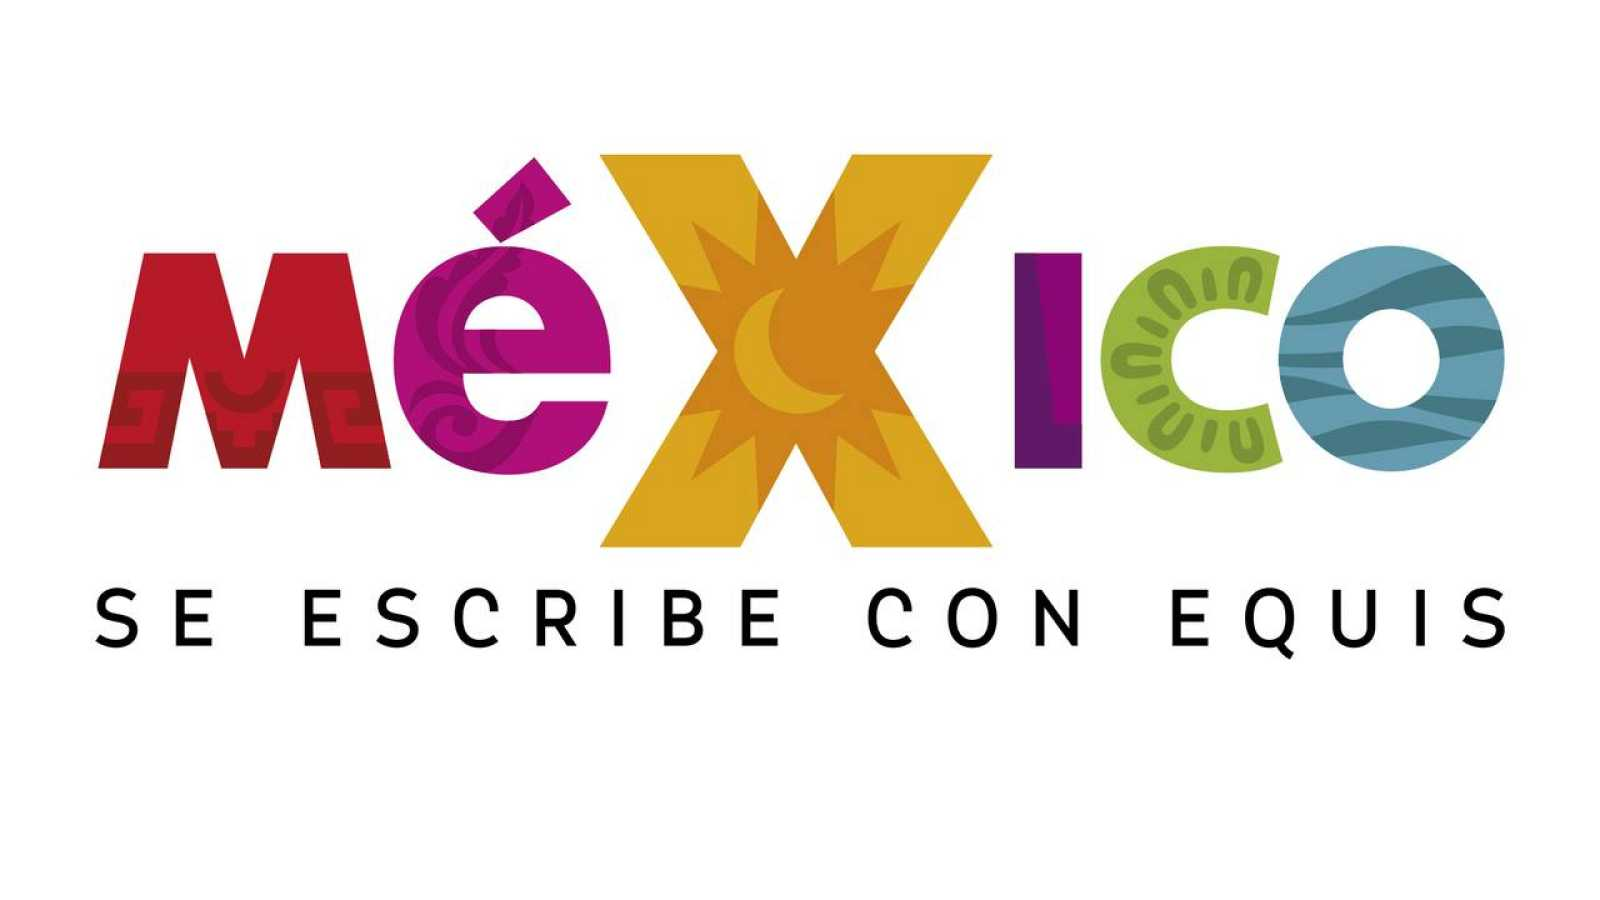 Festival México se escribe con equis